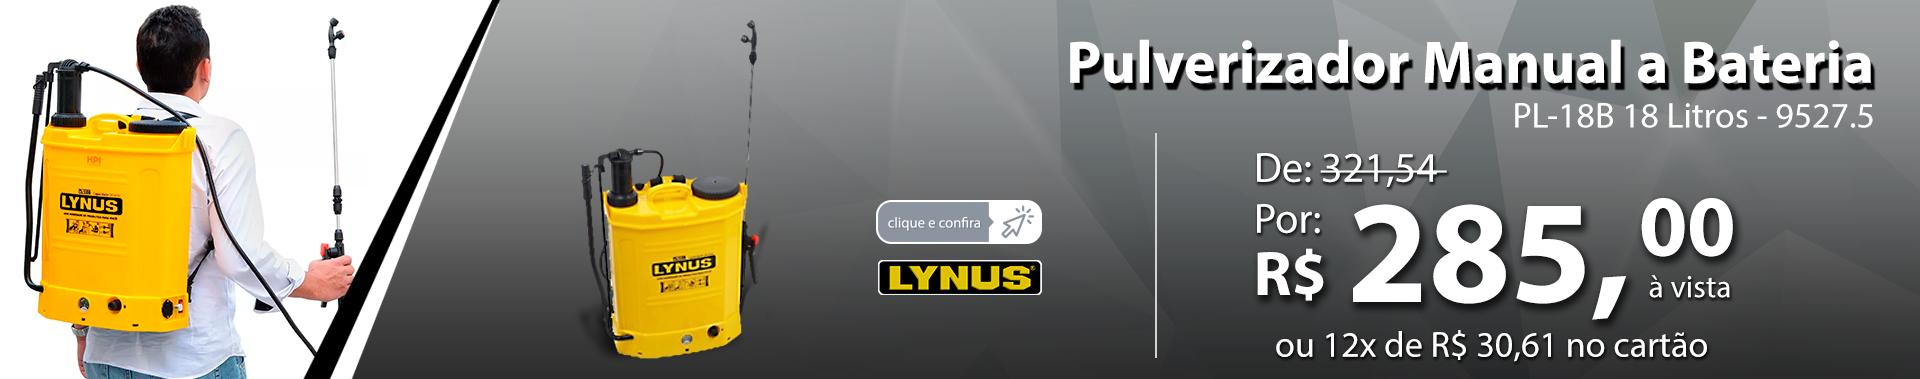 Pulverizador Manual a Bateria PL-18B 18 Litros LYNUS-9527.5